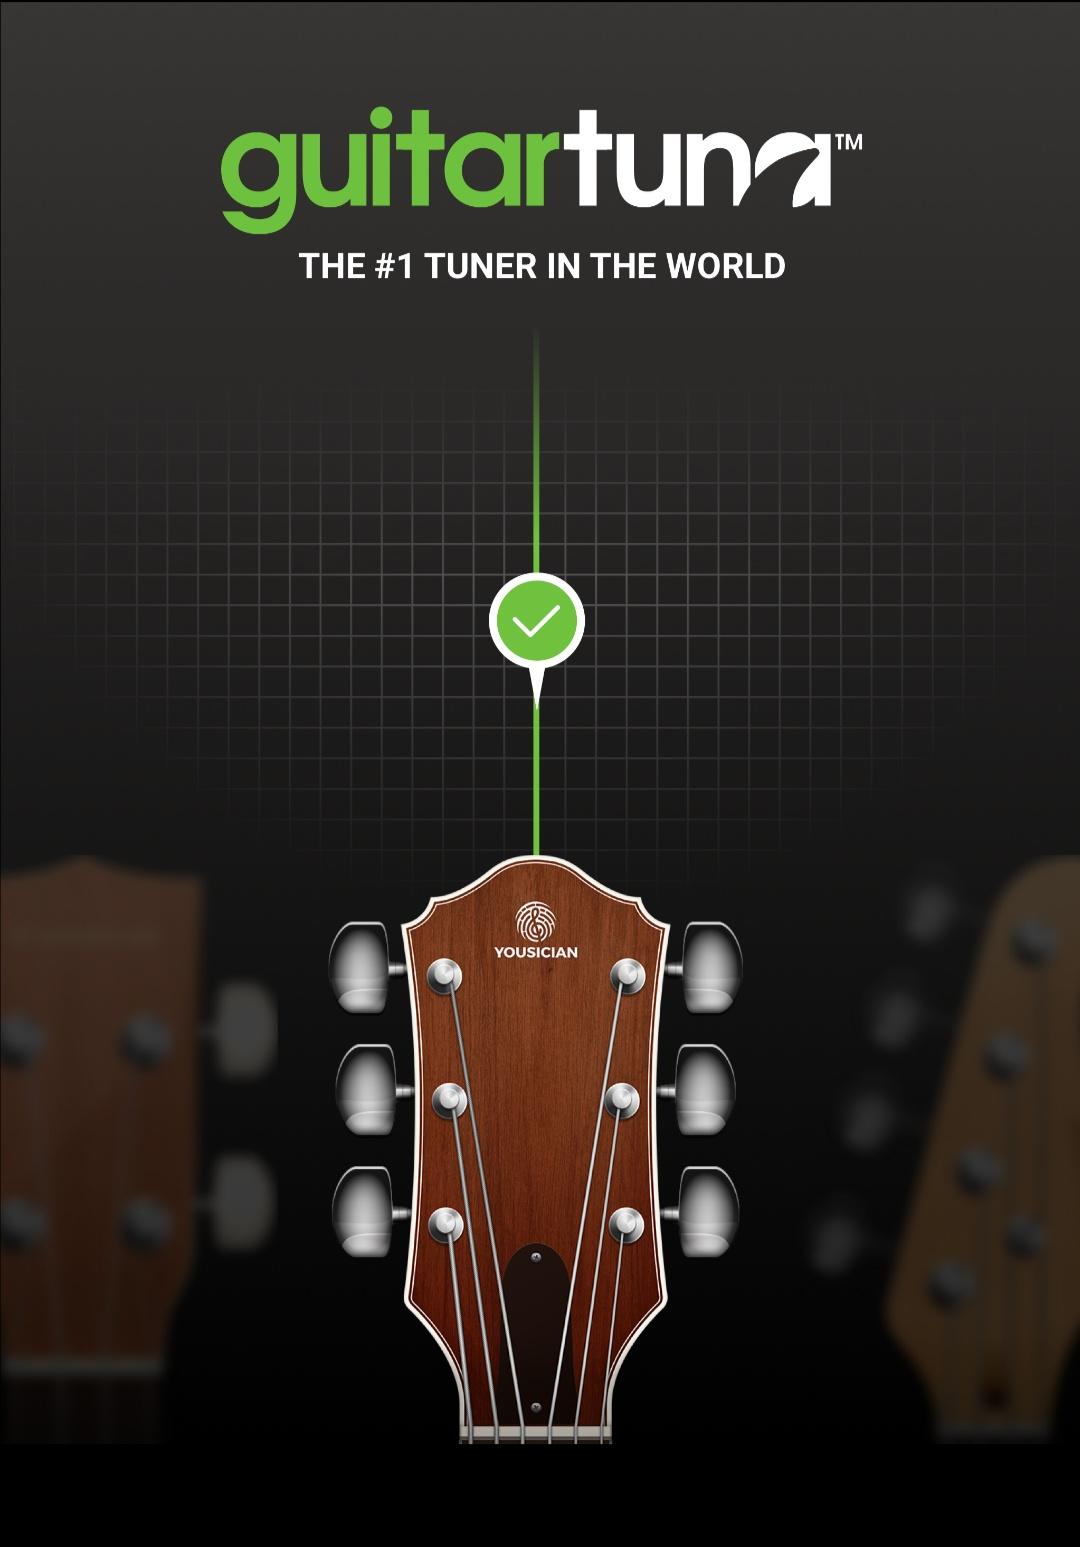 Aplikasi Tuner Gitar Android terbaik rekomendasi para guru gitar